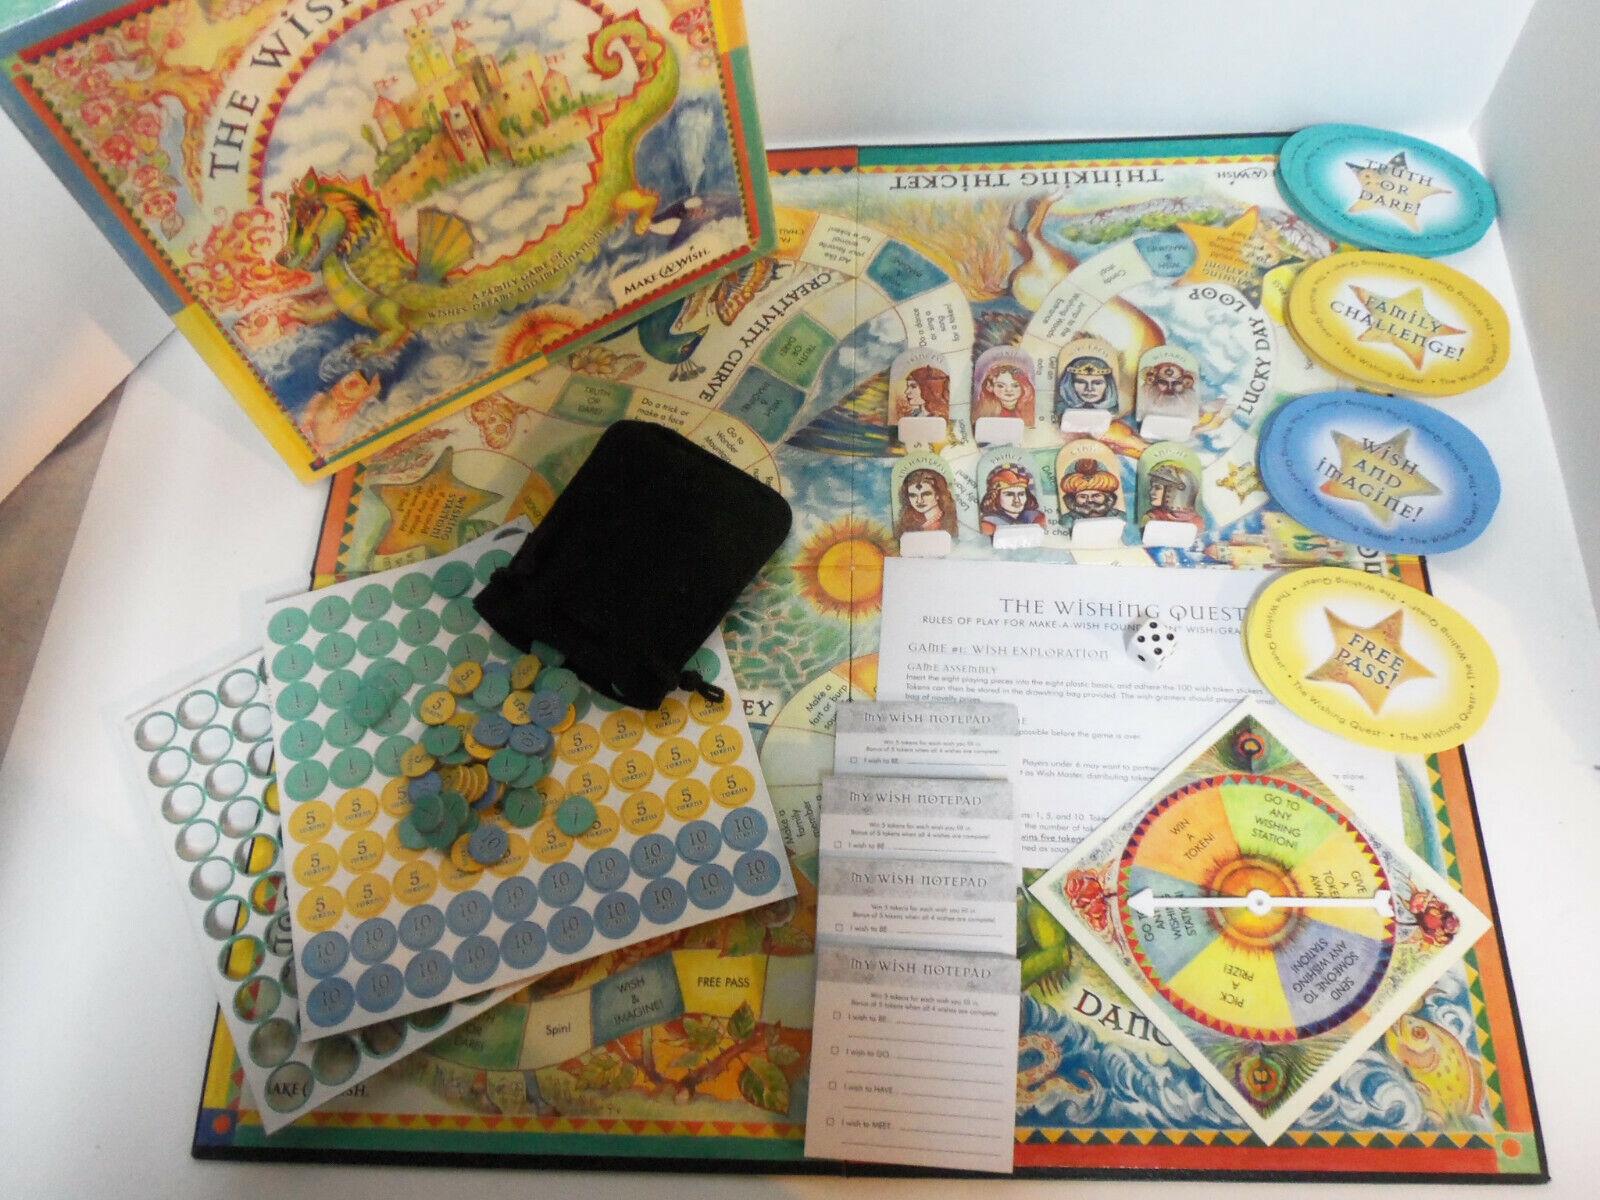 RARE 2004 The  Wishing Quest tavola gioco from rendere A Wish Foundation Utah completare  molto popolare